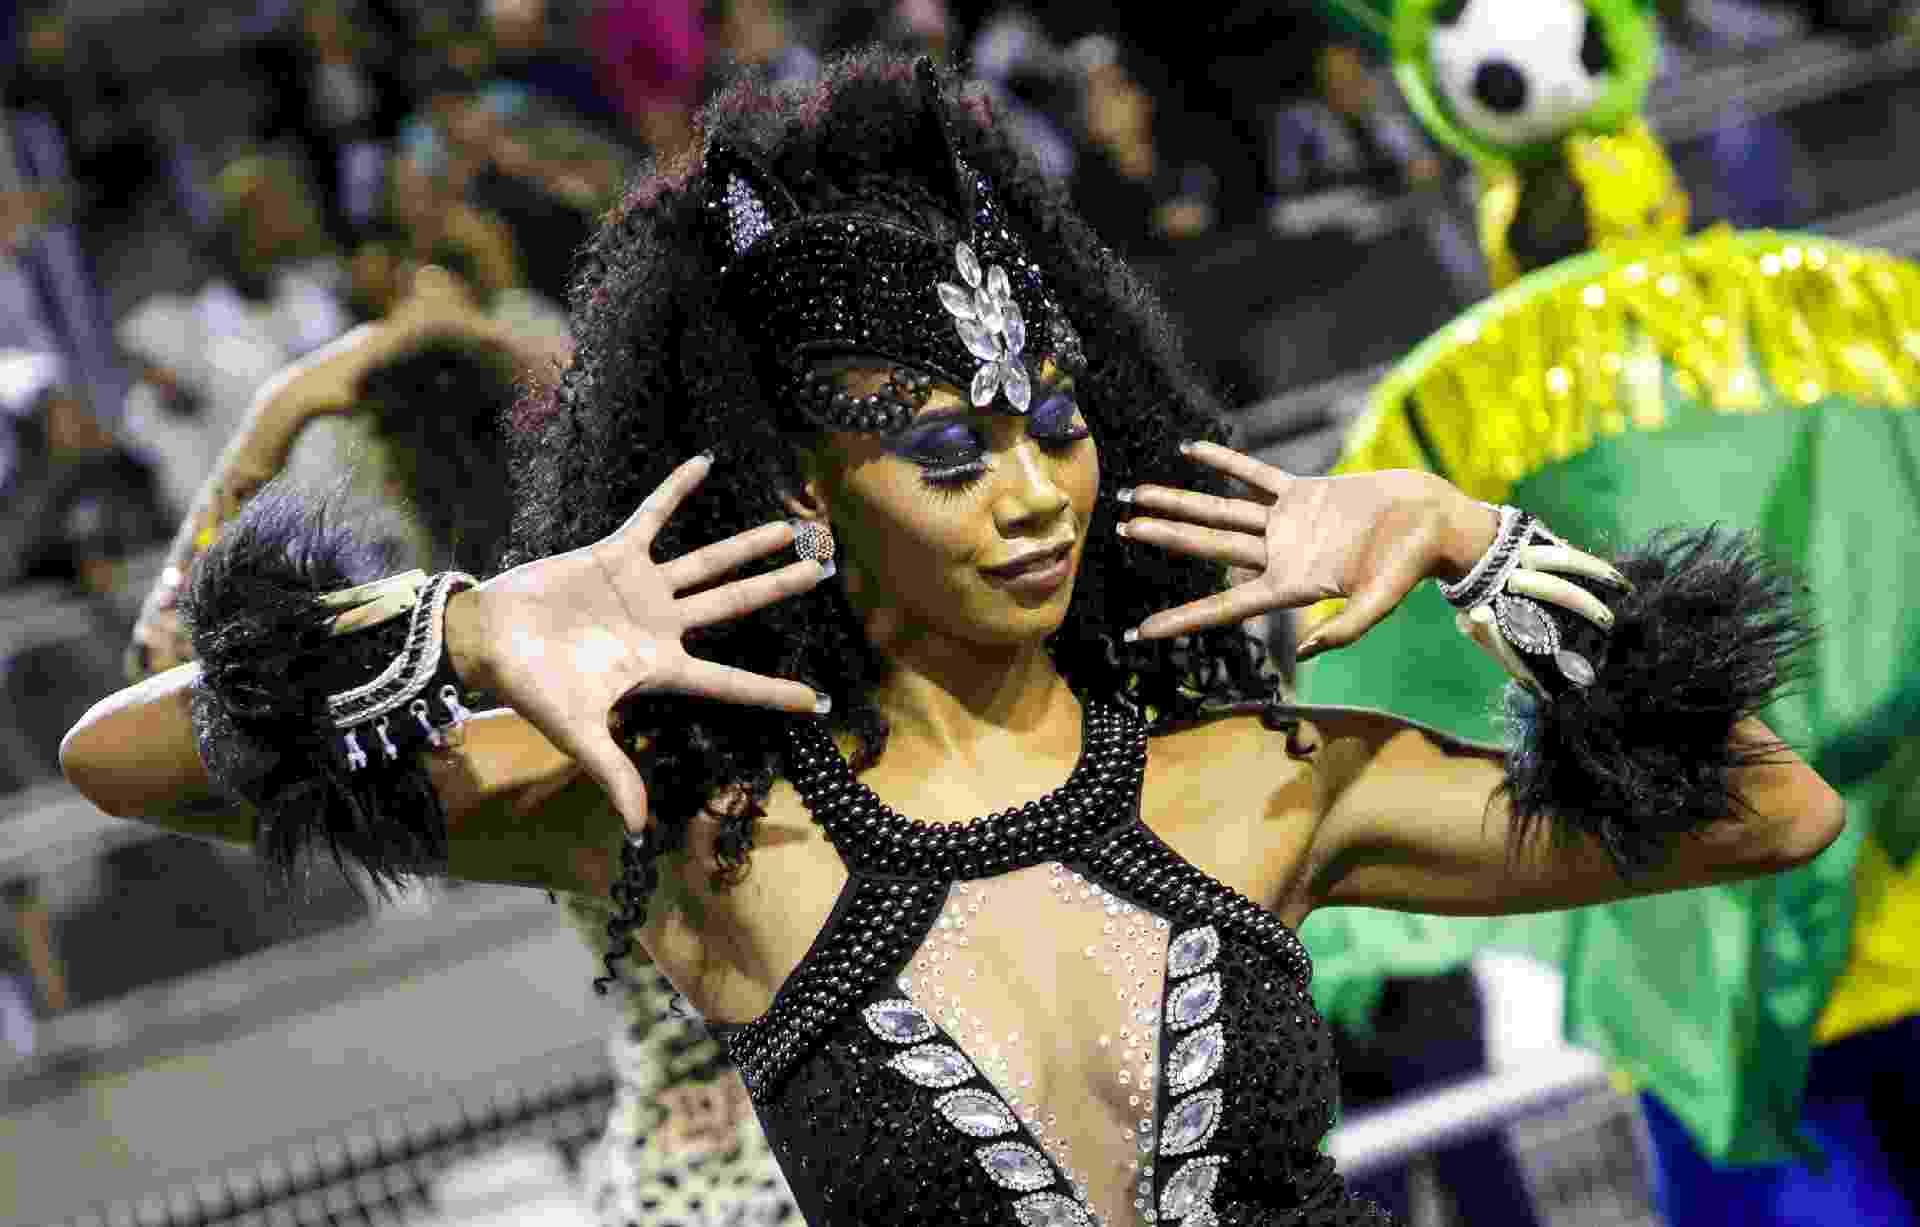 Melhores momentos da Morro da Casa Verde no Desfile das Campeãs do Carnaval 2020 - Mariana Pekin/UOL